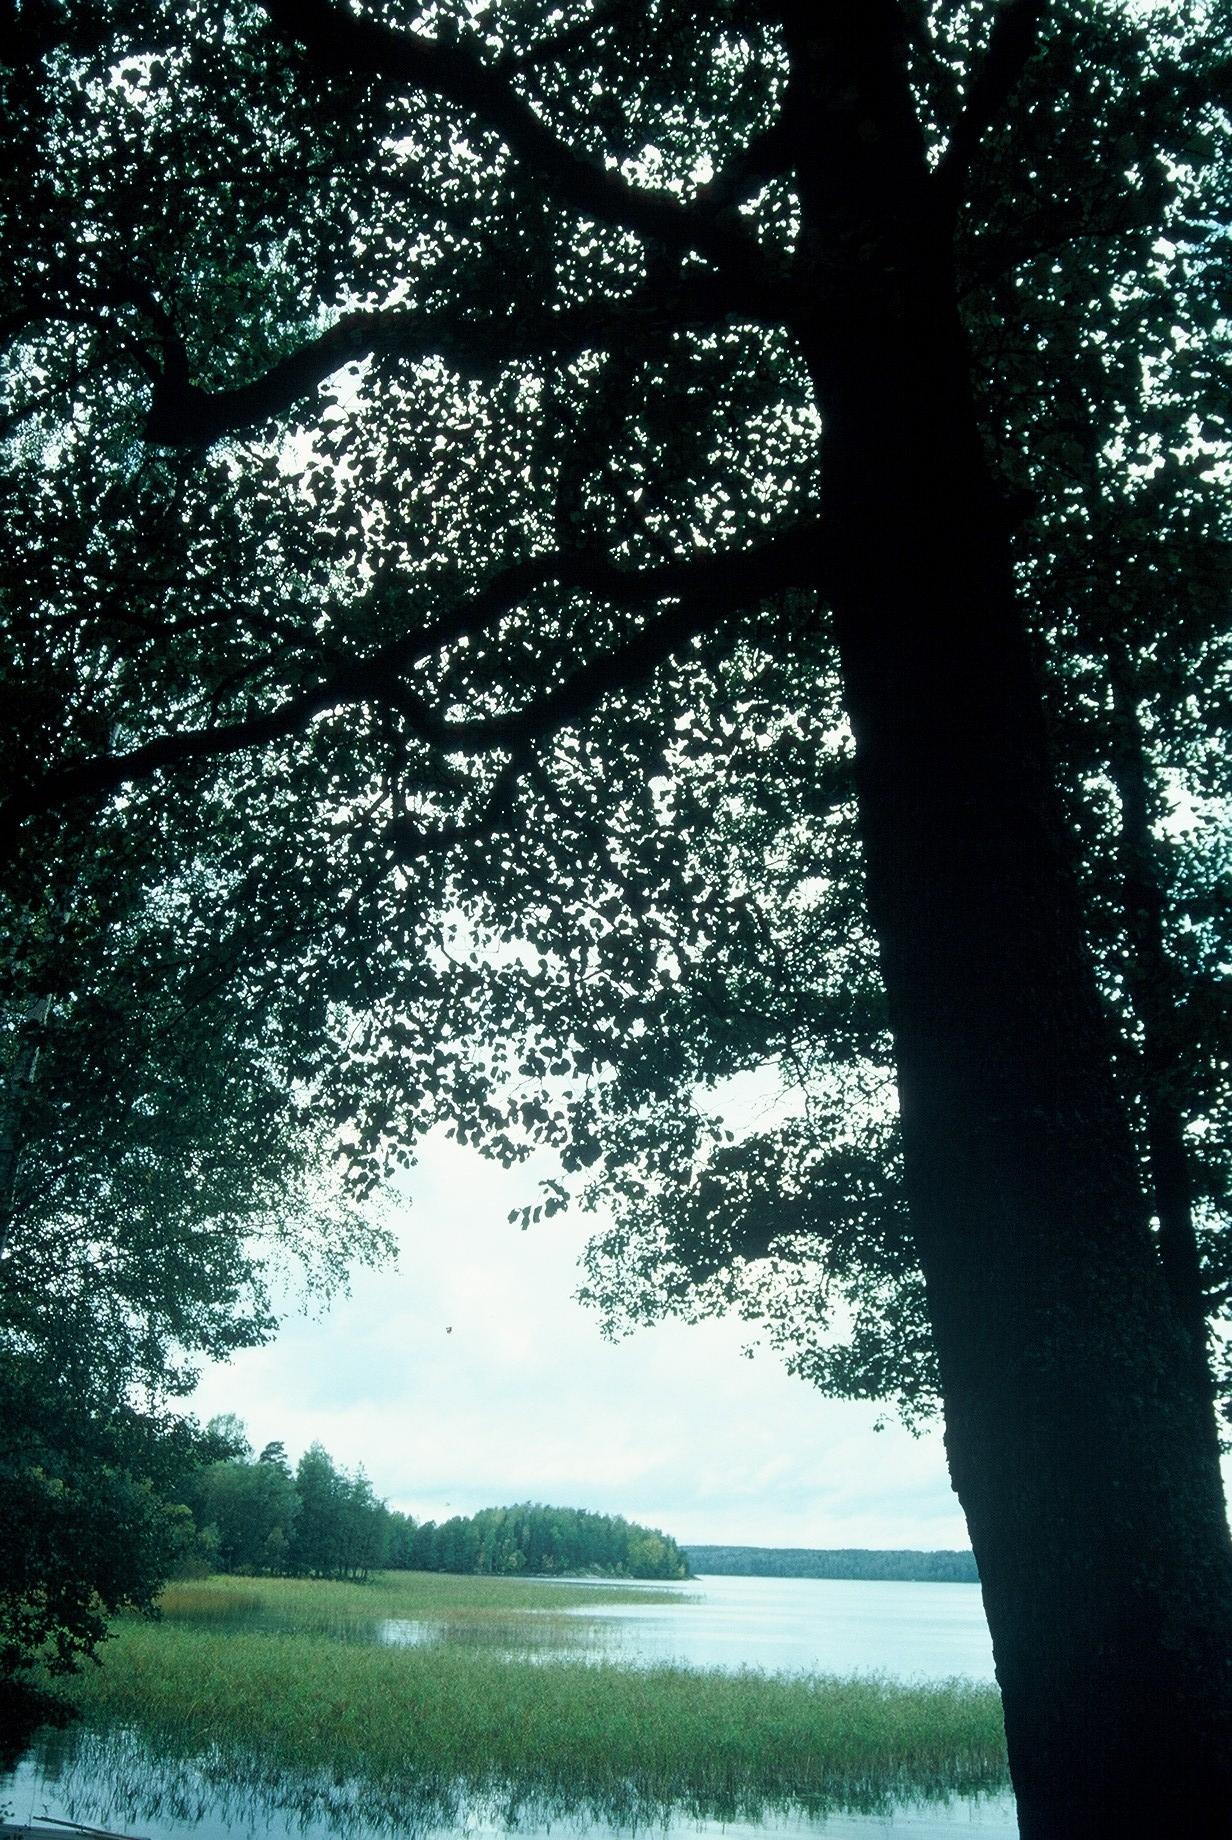 Luonnonmuistomerkki, tervaleppä, Skraatila, kuva Lohjan ympäristönsuojelu.